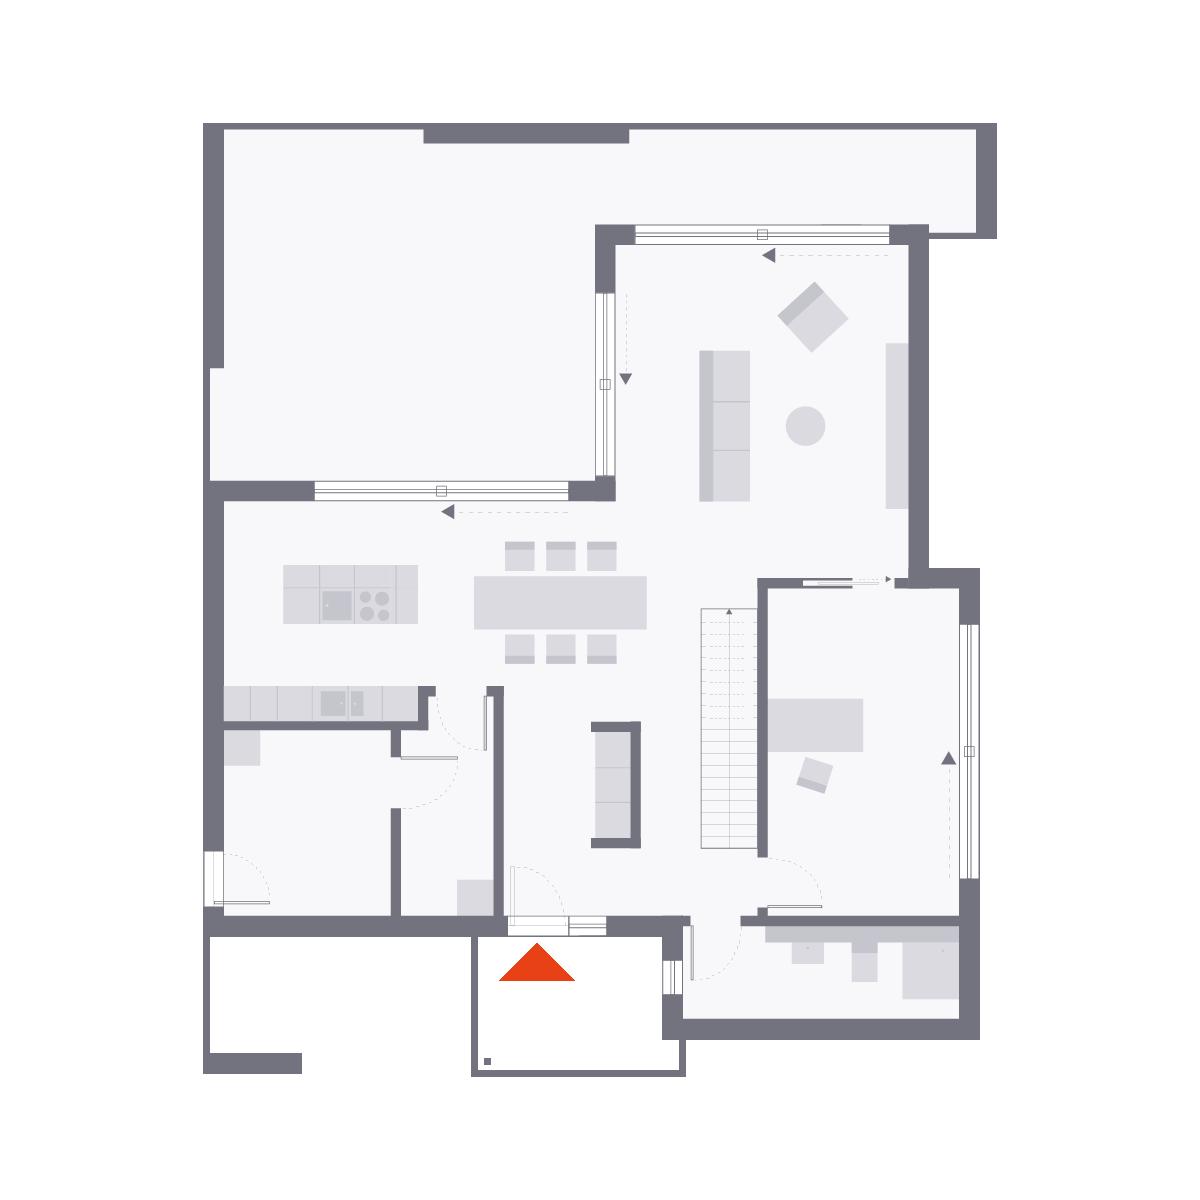 Musterhaus Wuppertal - Ein Screenshot eines Videospiels - Die Architektur